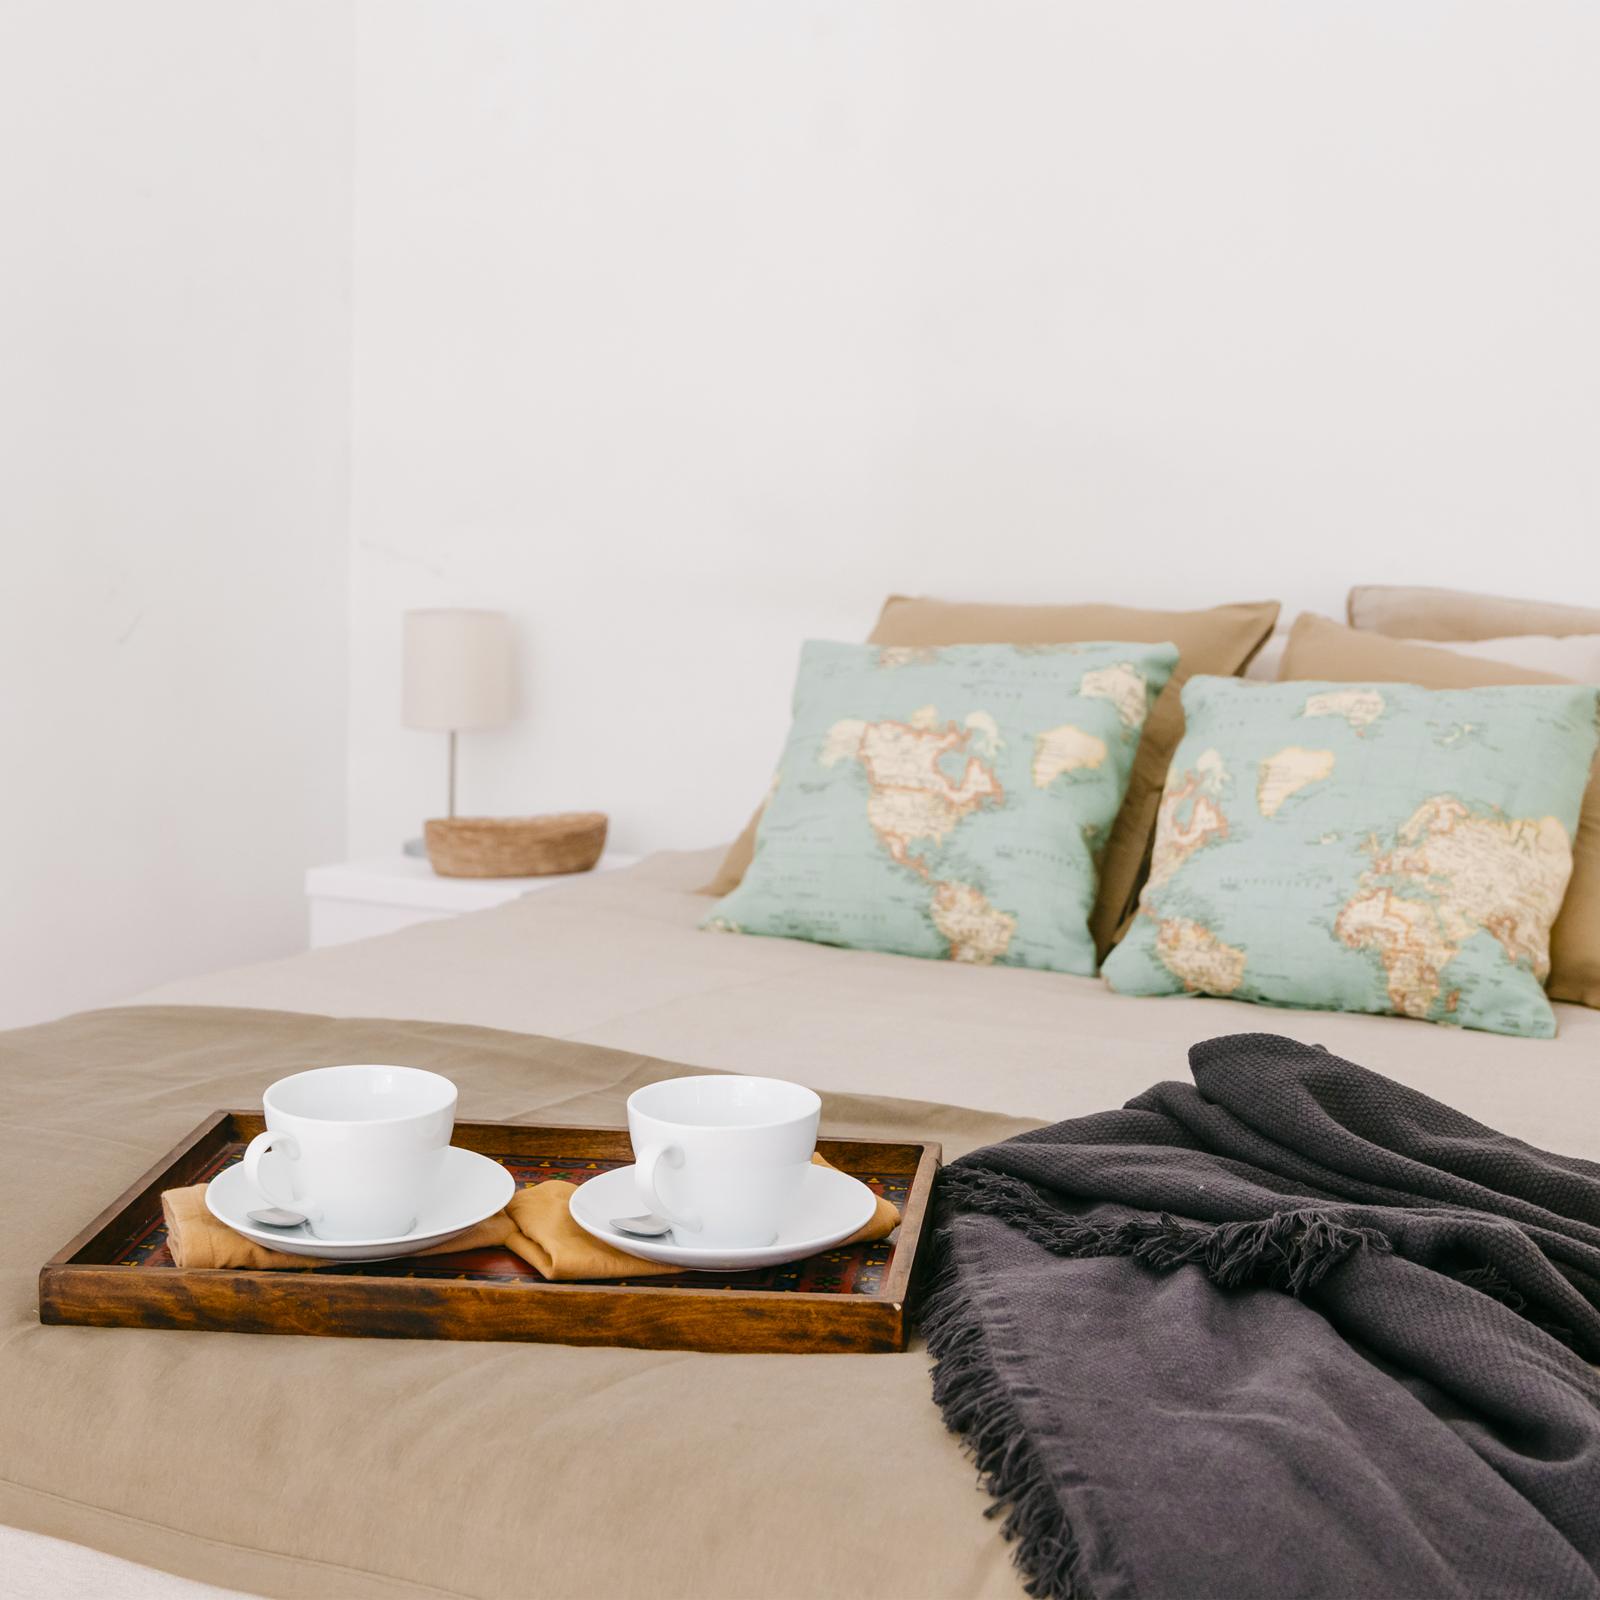 Efímero, Dormitorio concurso home staging 2020